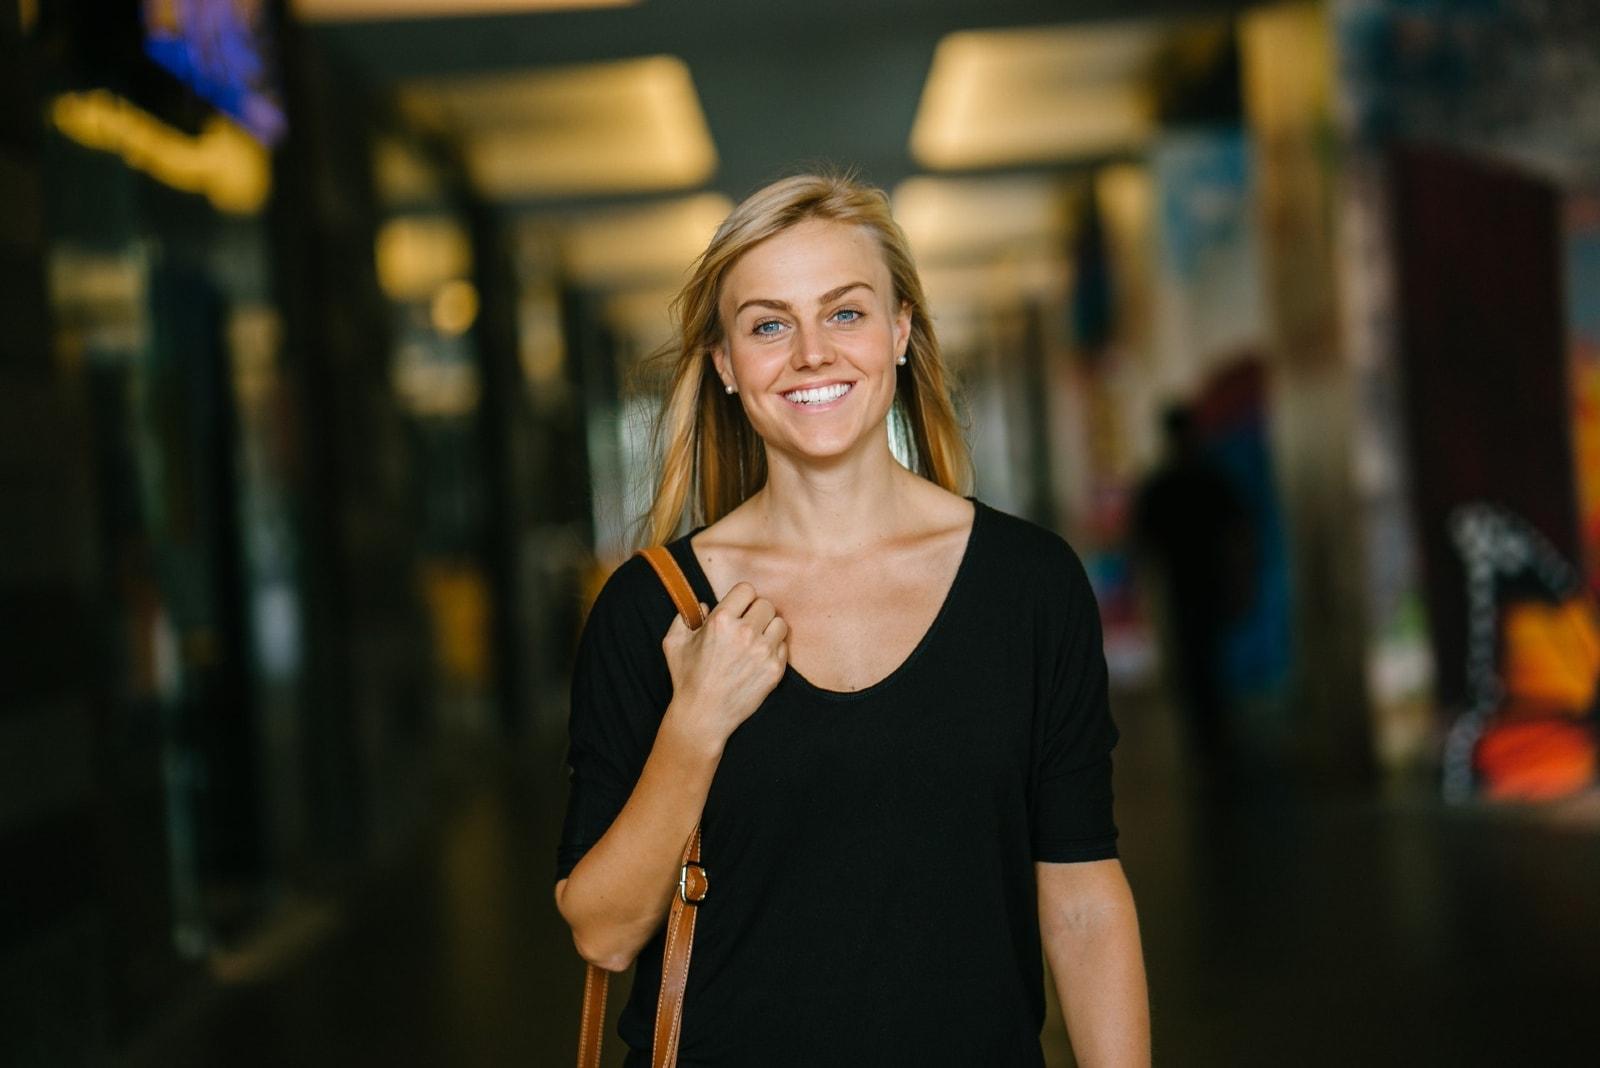 happy woman in black top standing indoor